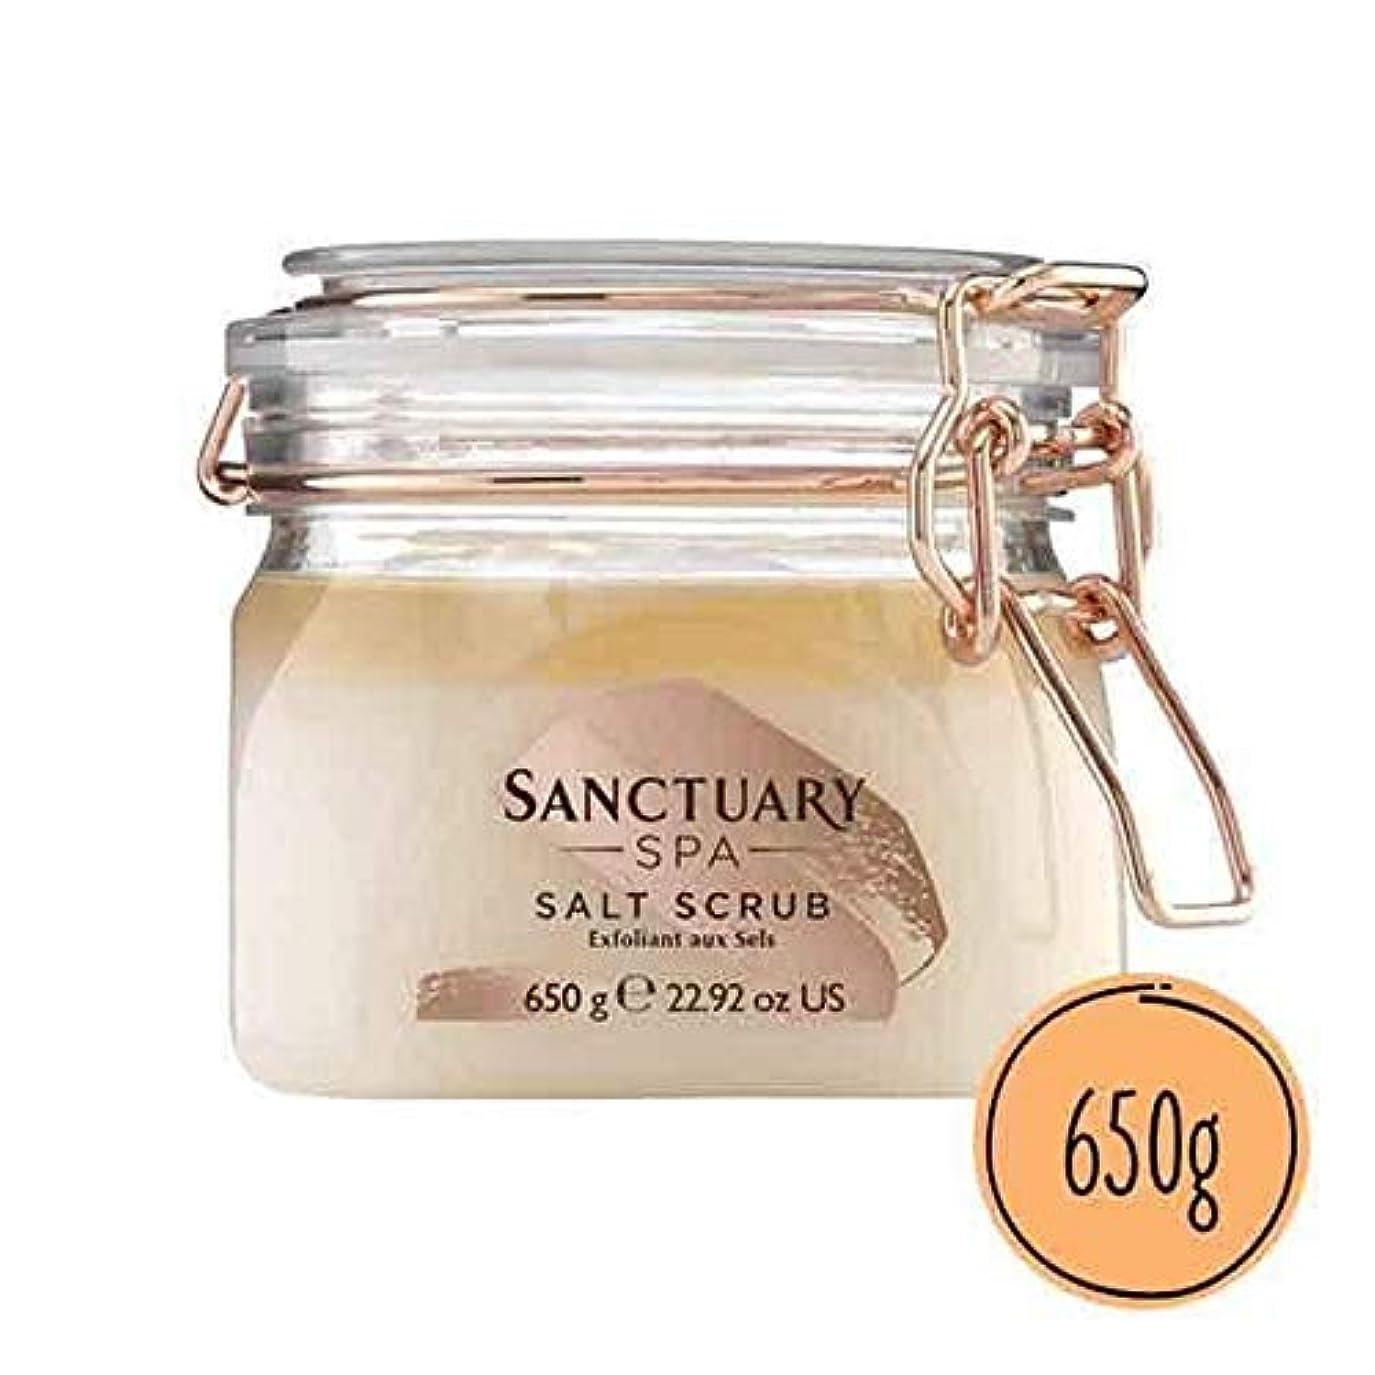 クラブ赤外線つば[Sanctuary Spa ] 聖域スパ古典的なソルトスクラブの650ミリリットル - Sanctuary Spa Classic Salt Scrub 650ml [並行輸入品]